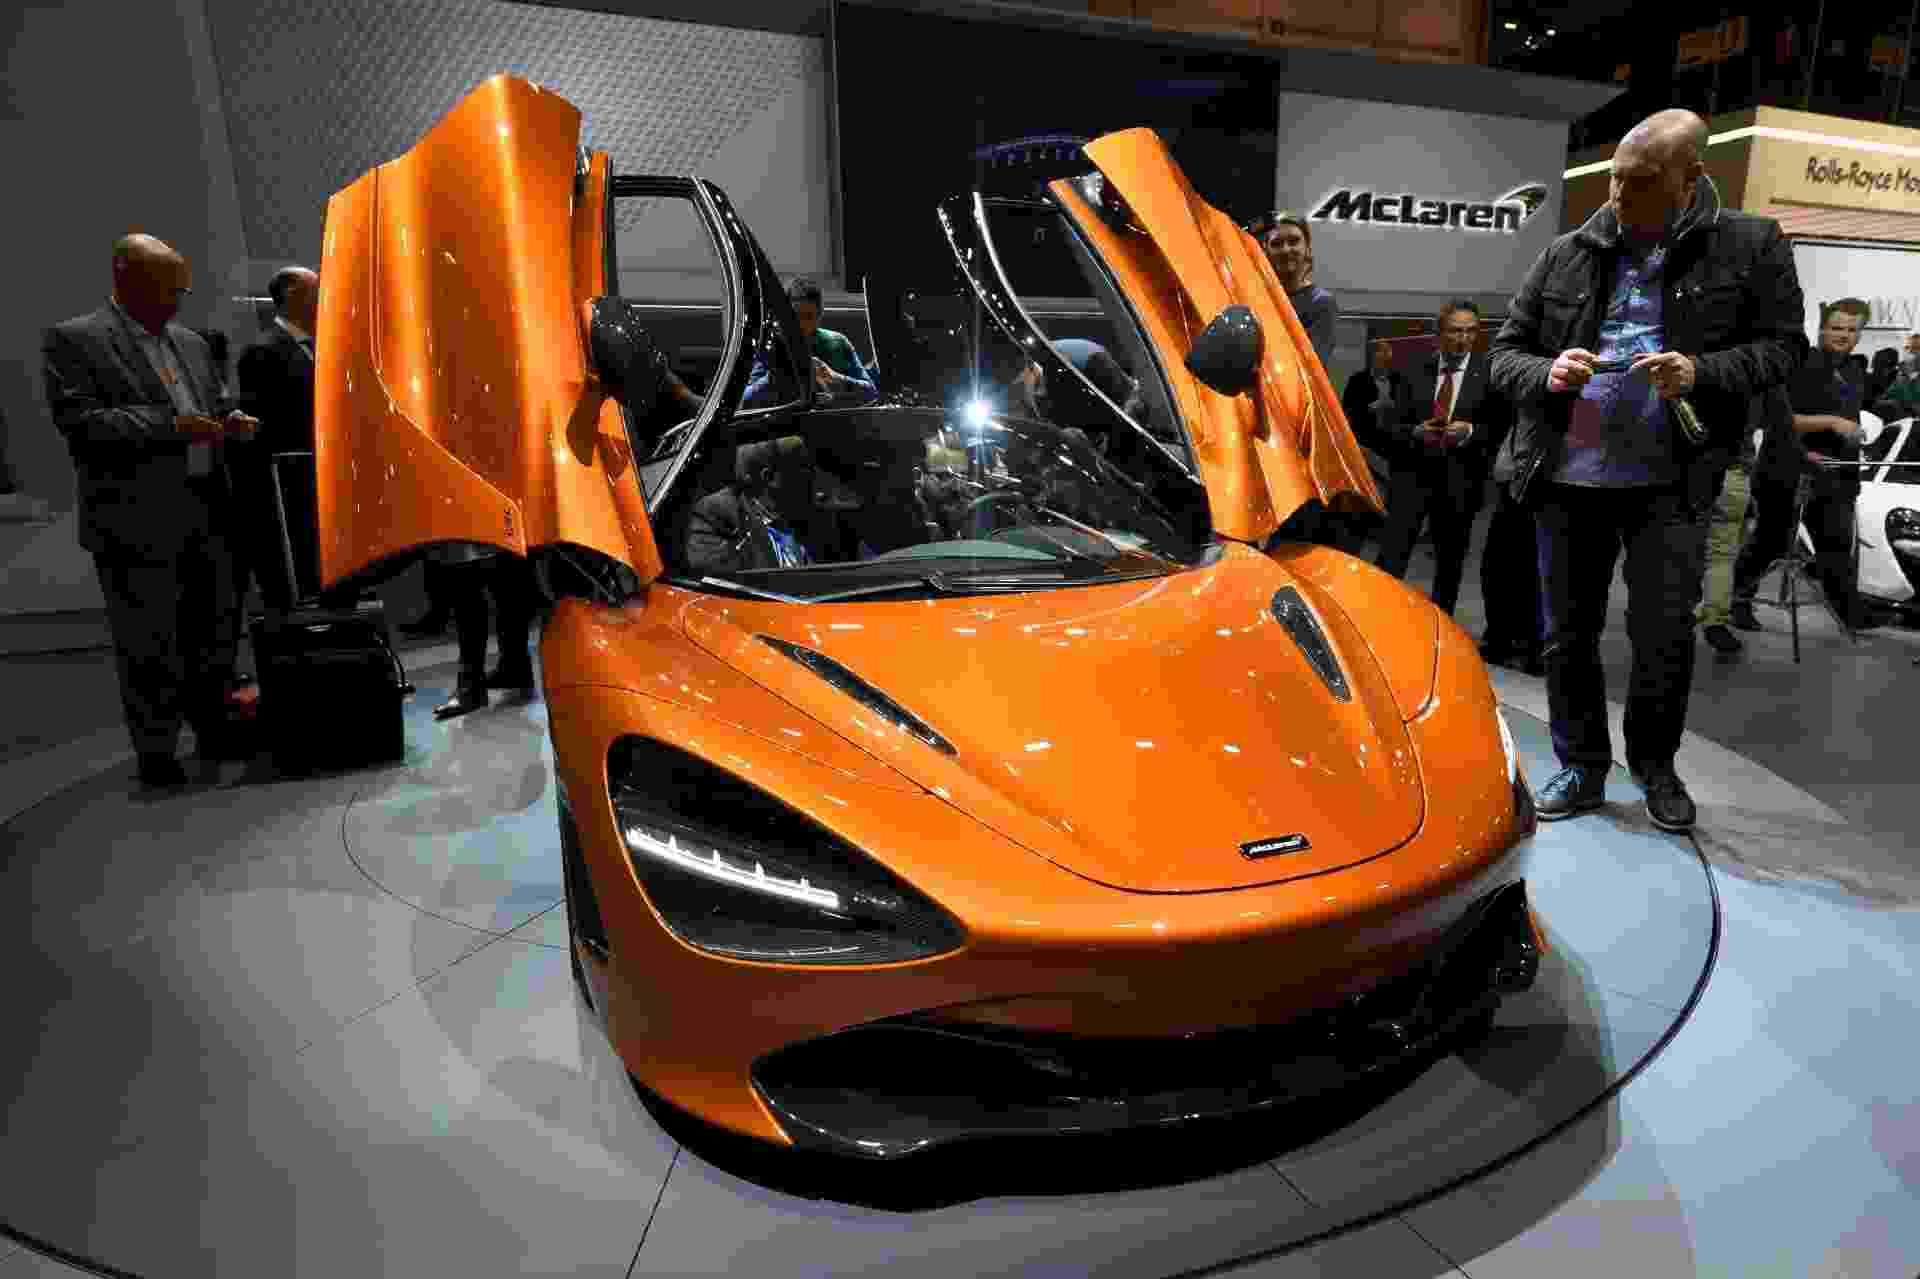 McLaren 720S Coupé - Fabrice Coffrini/AFP